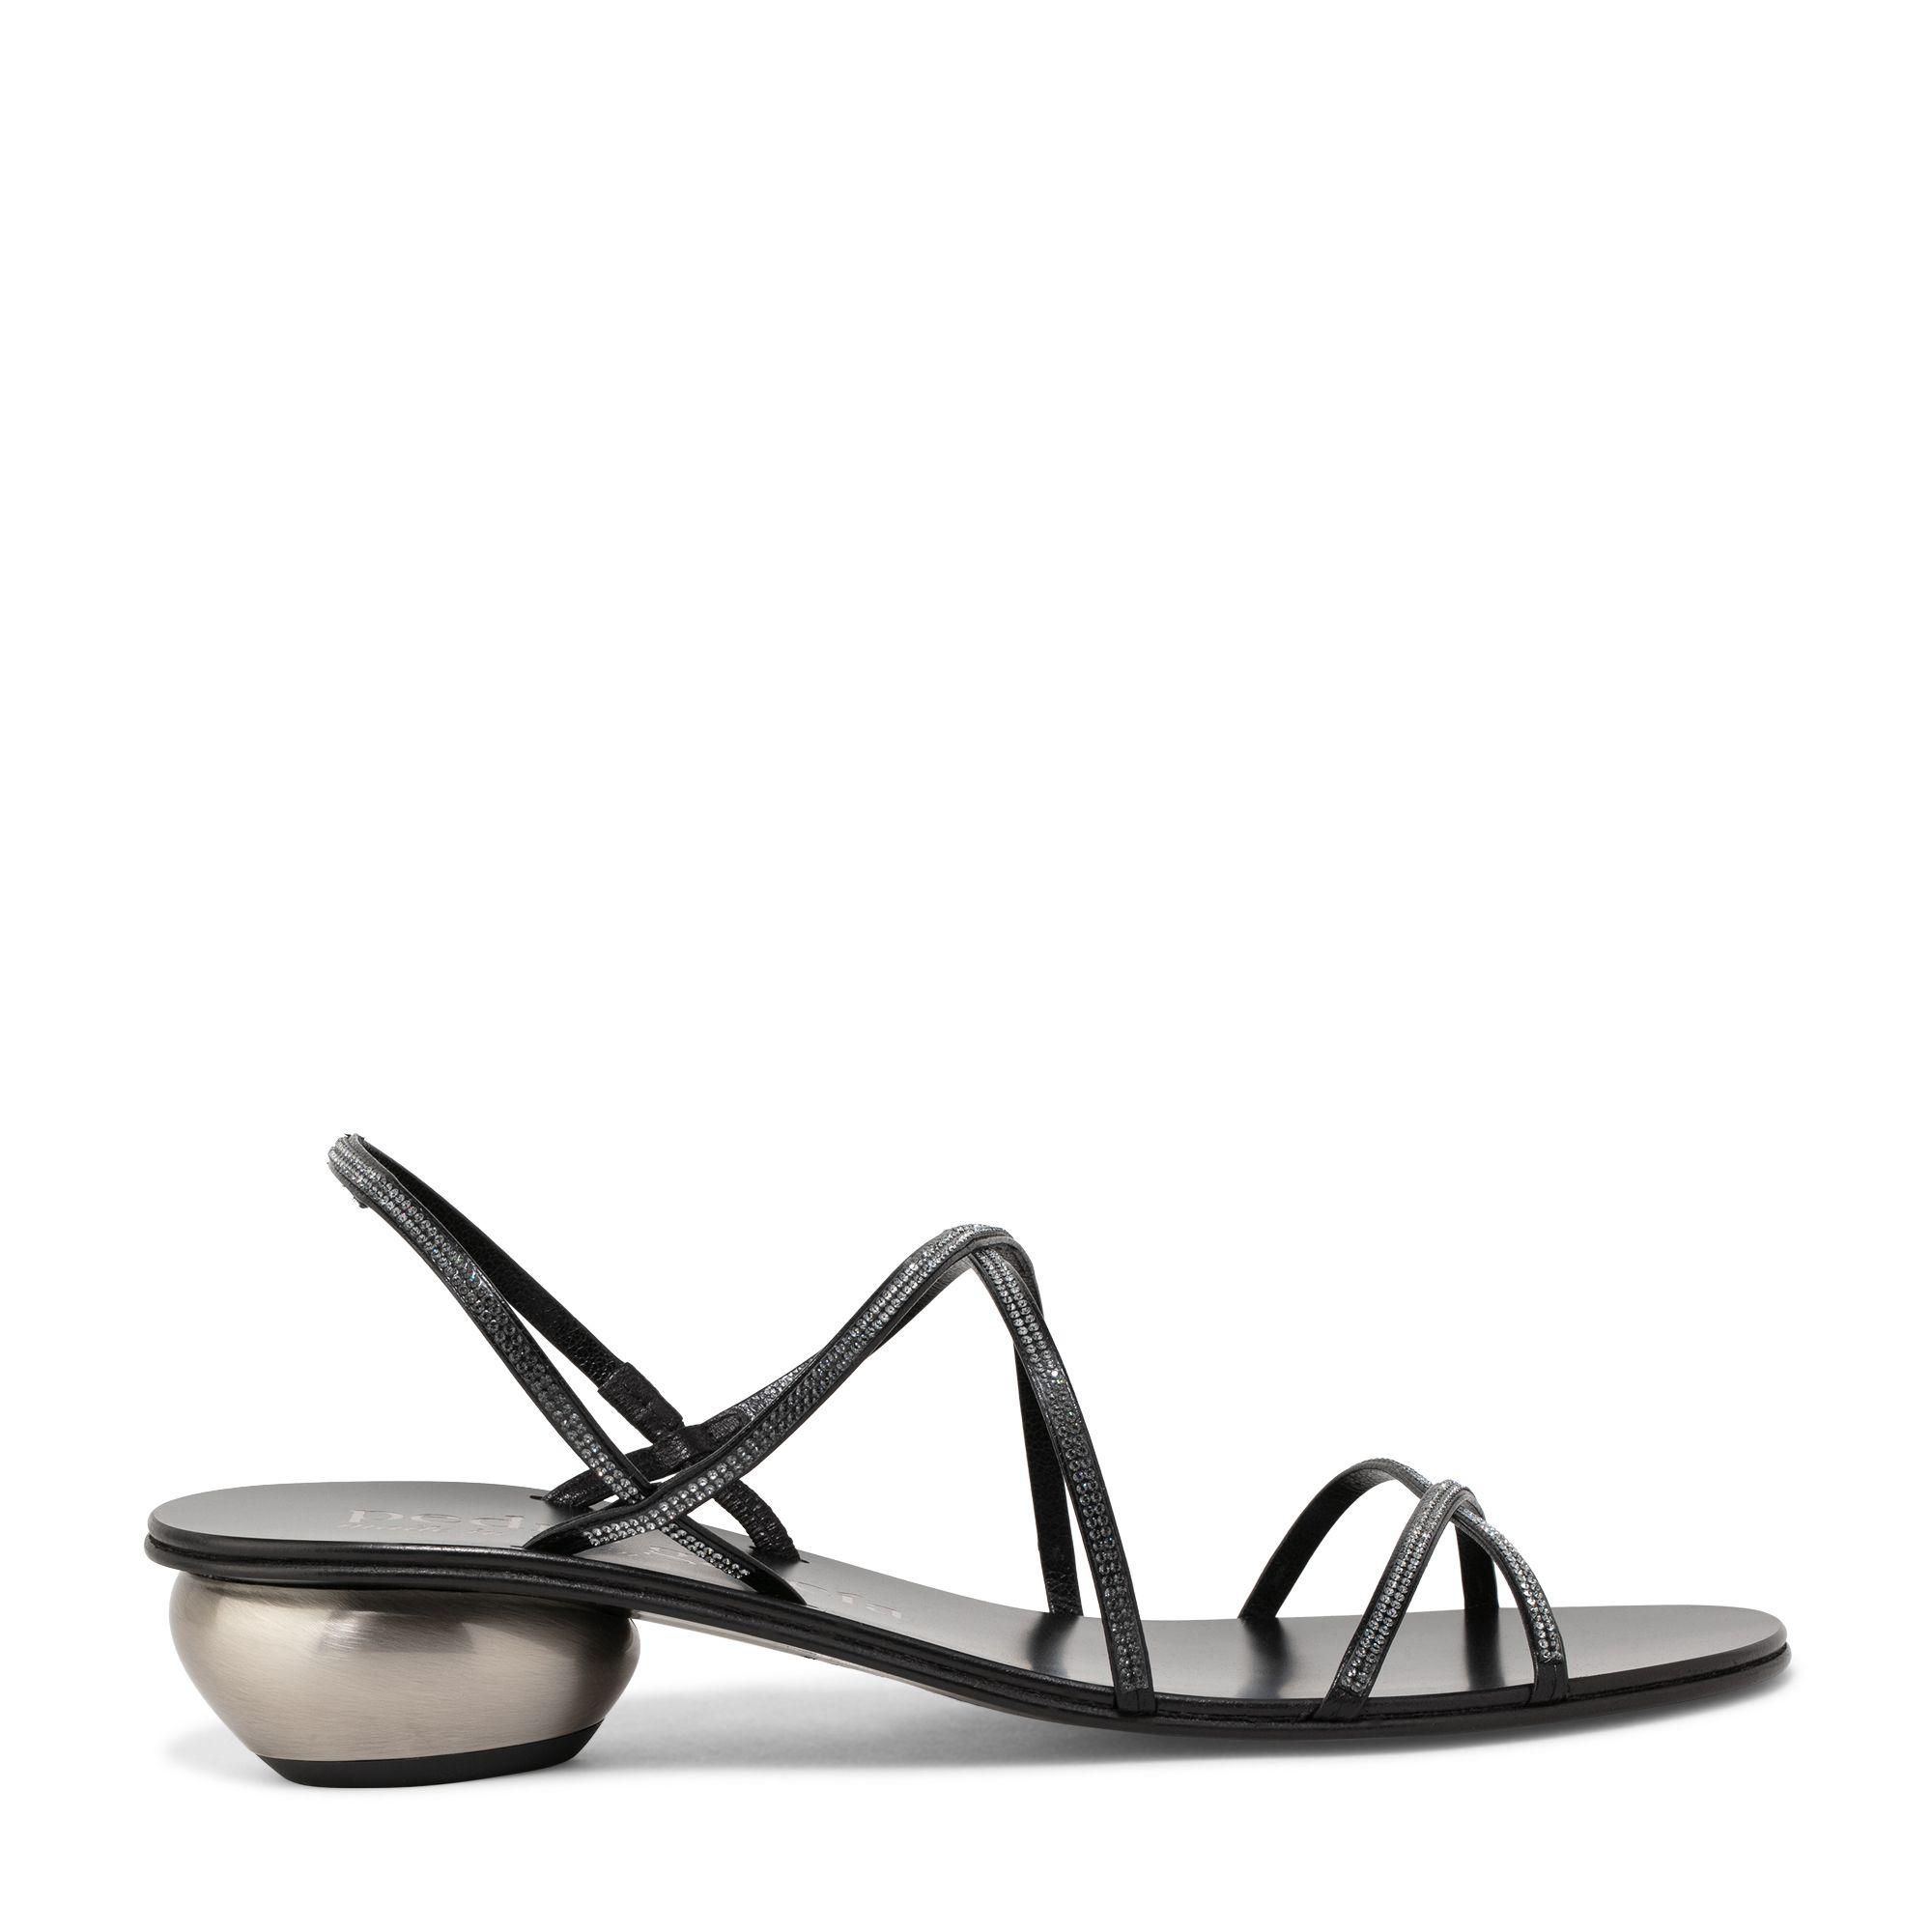 Zanet sandals